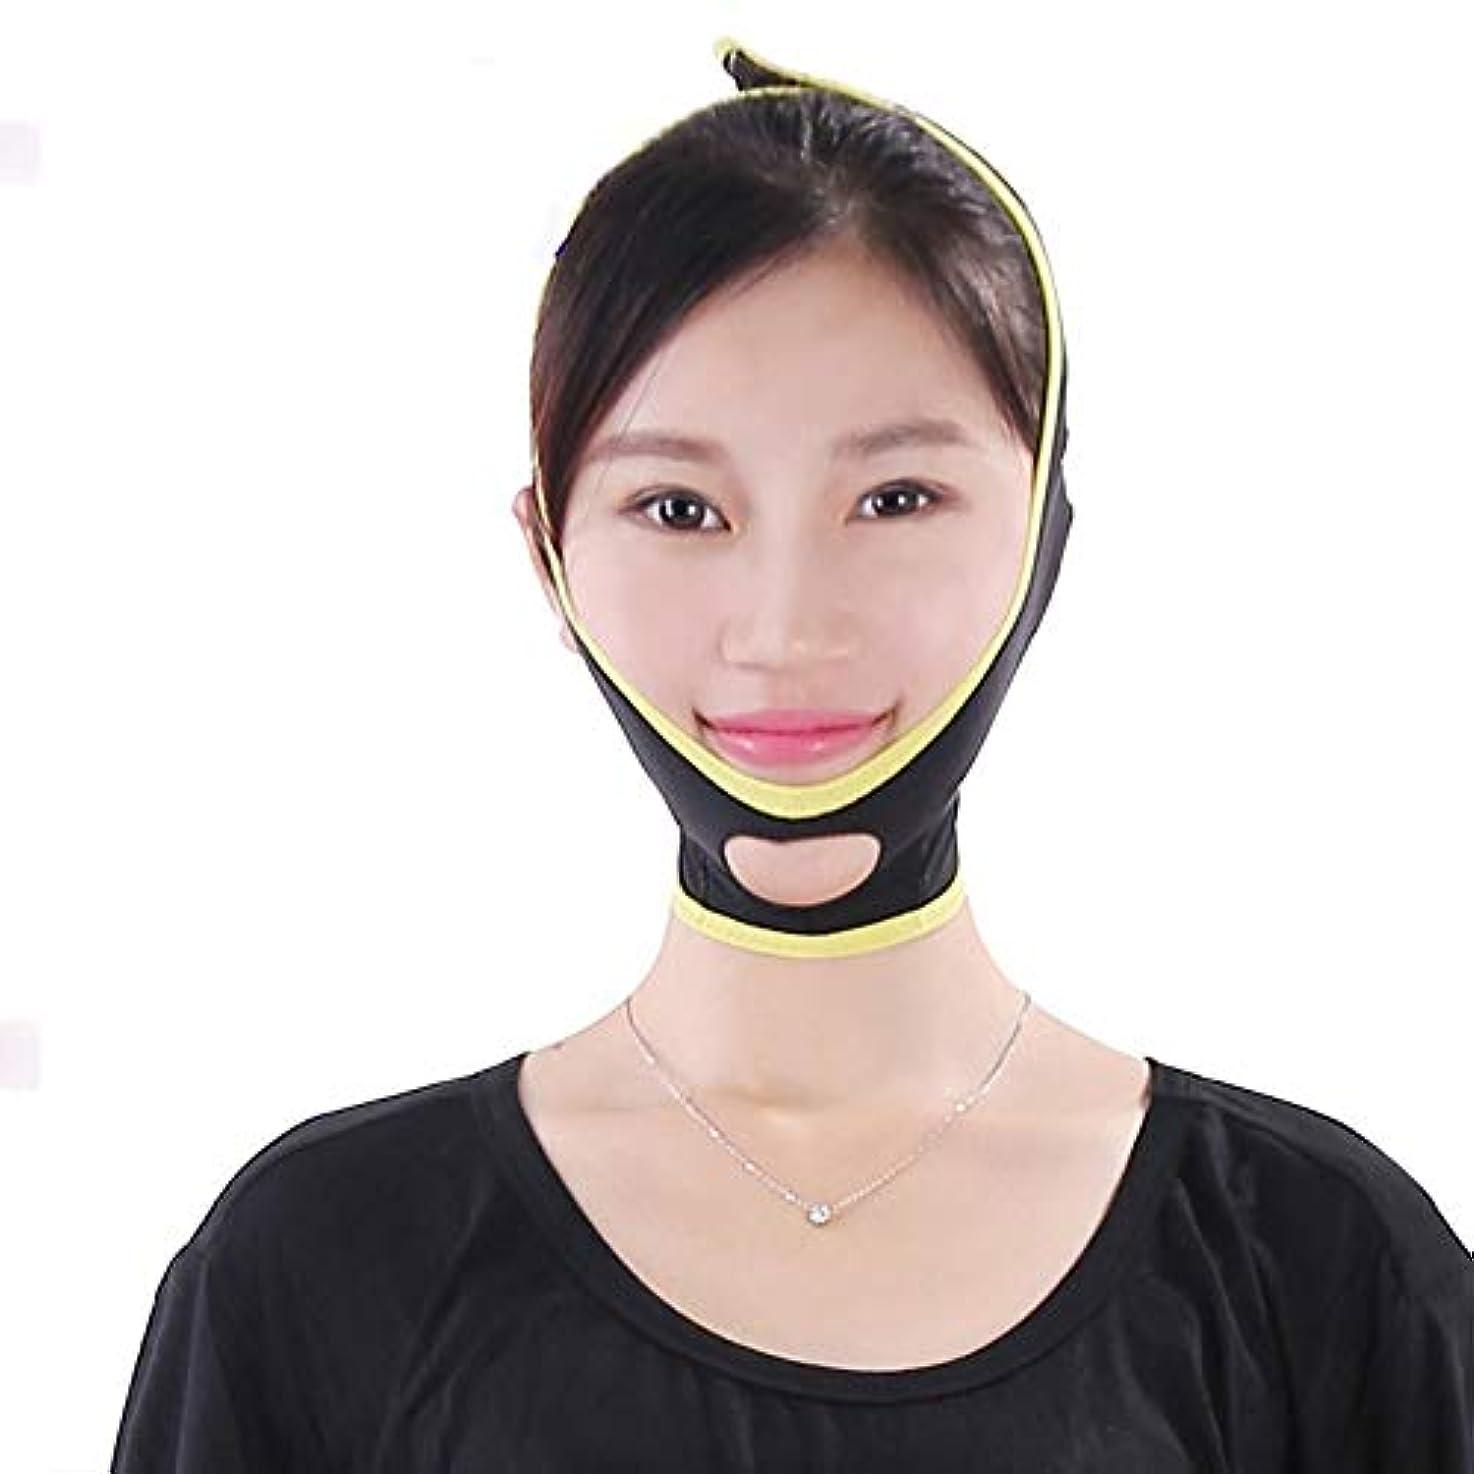 佐賀筋リゾートVフェイスマスク、フェイスリフティングアーティファクト、美容マスク、顔のしわ防止、減量、二重あご